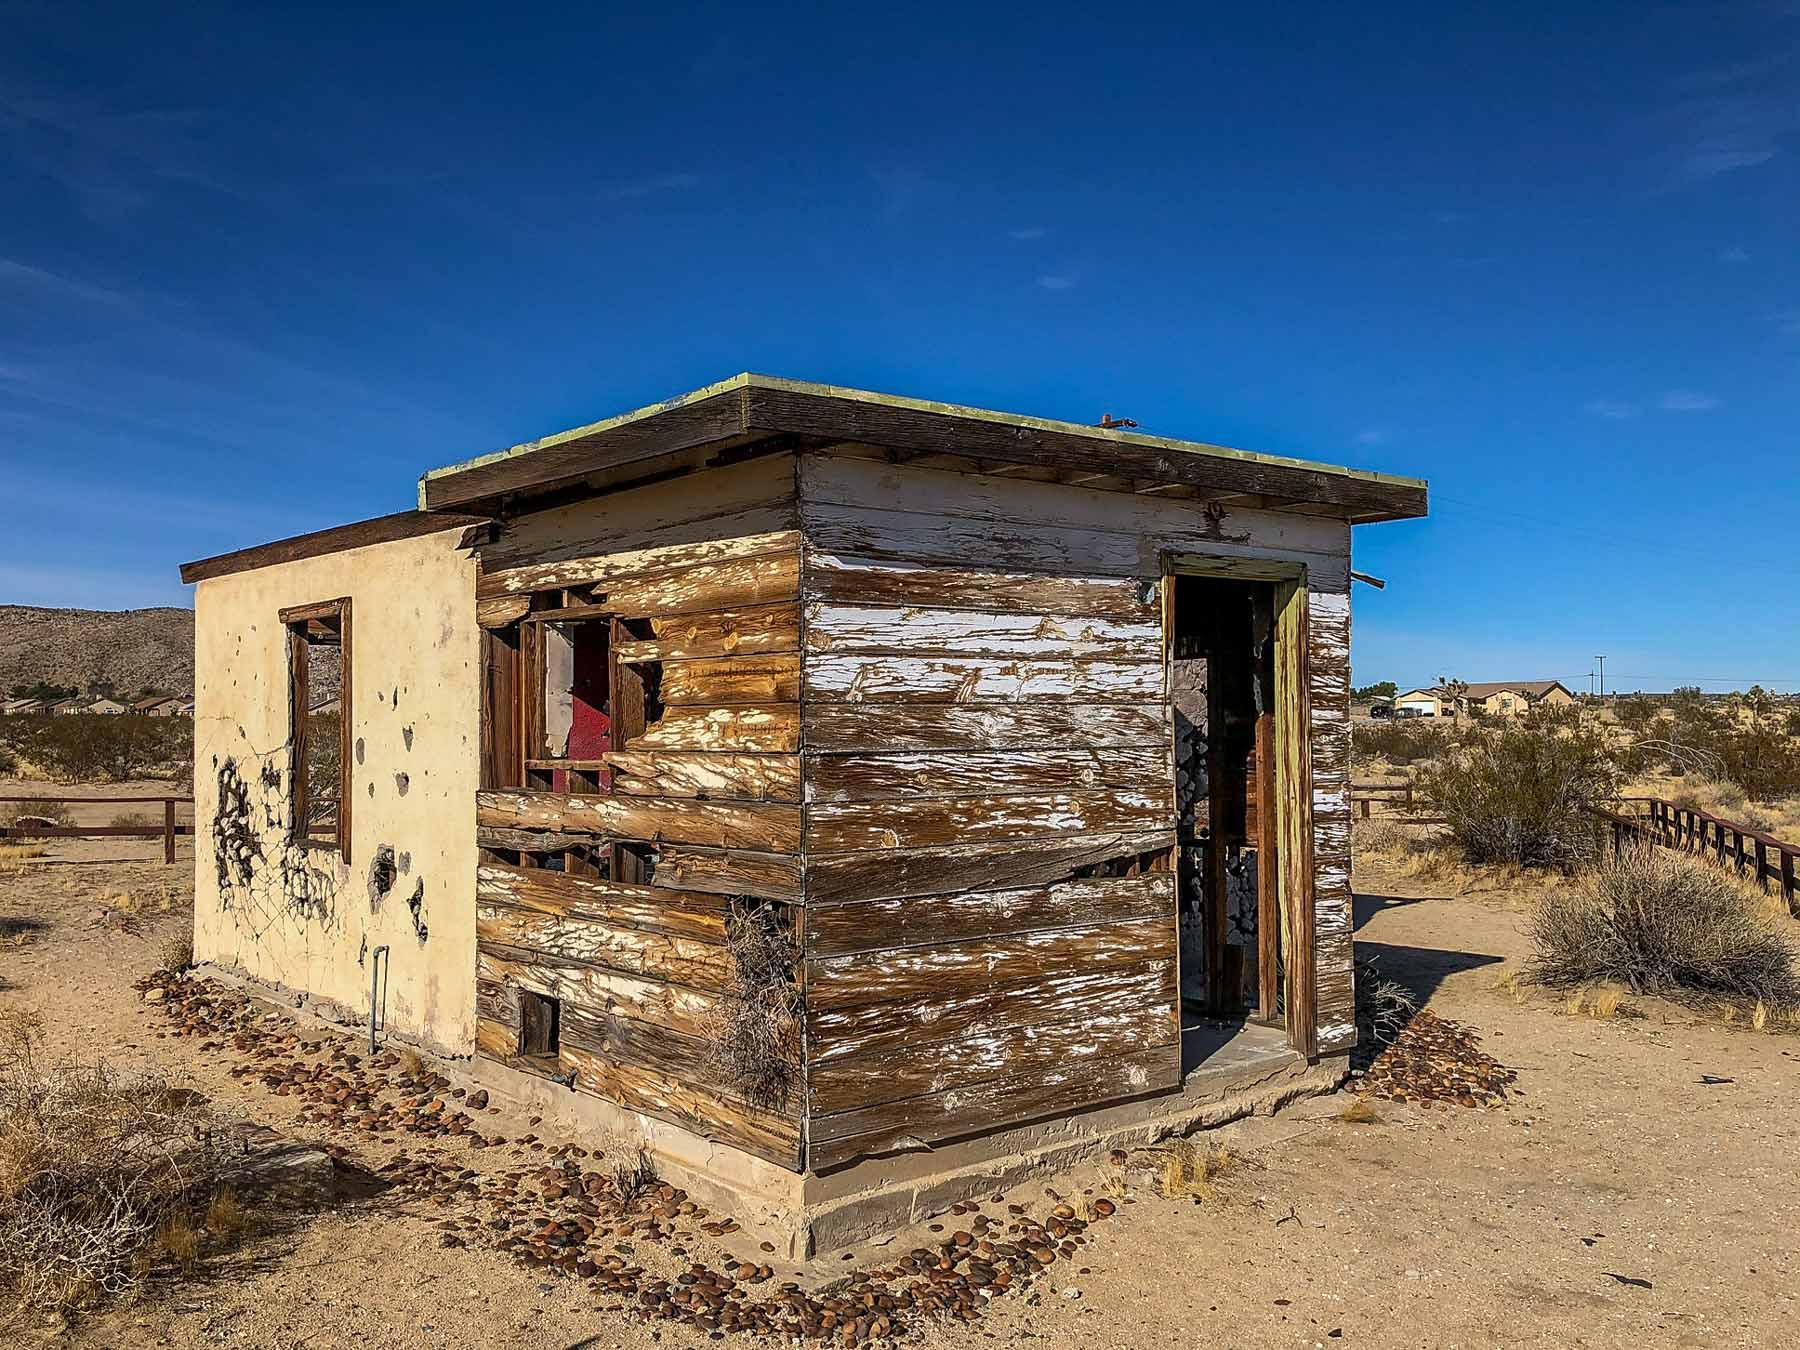 The Krblin Jihn Cabin is an old cabin in the desert in Joshua Tree, CA